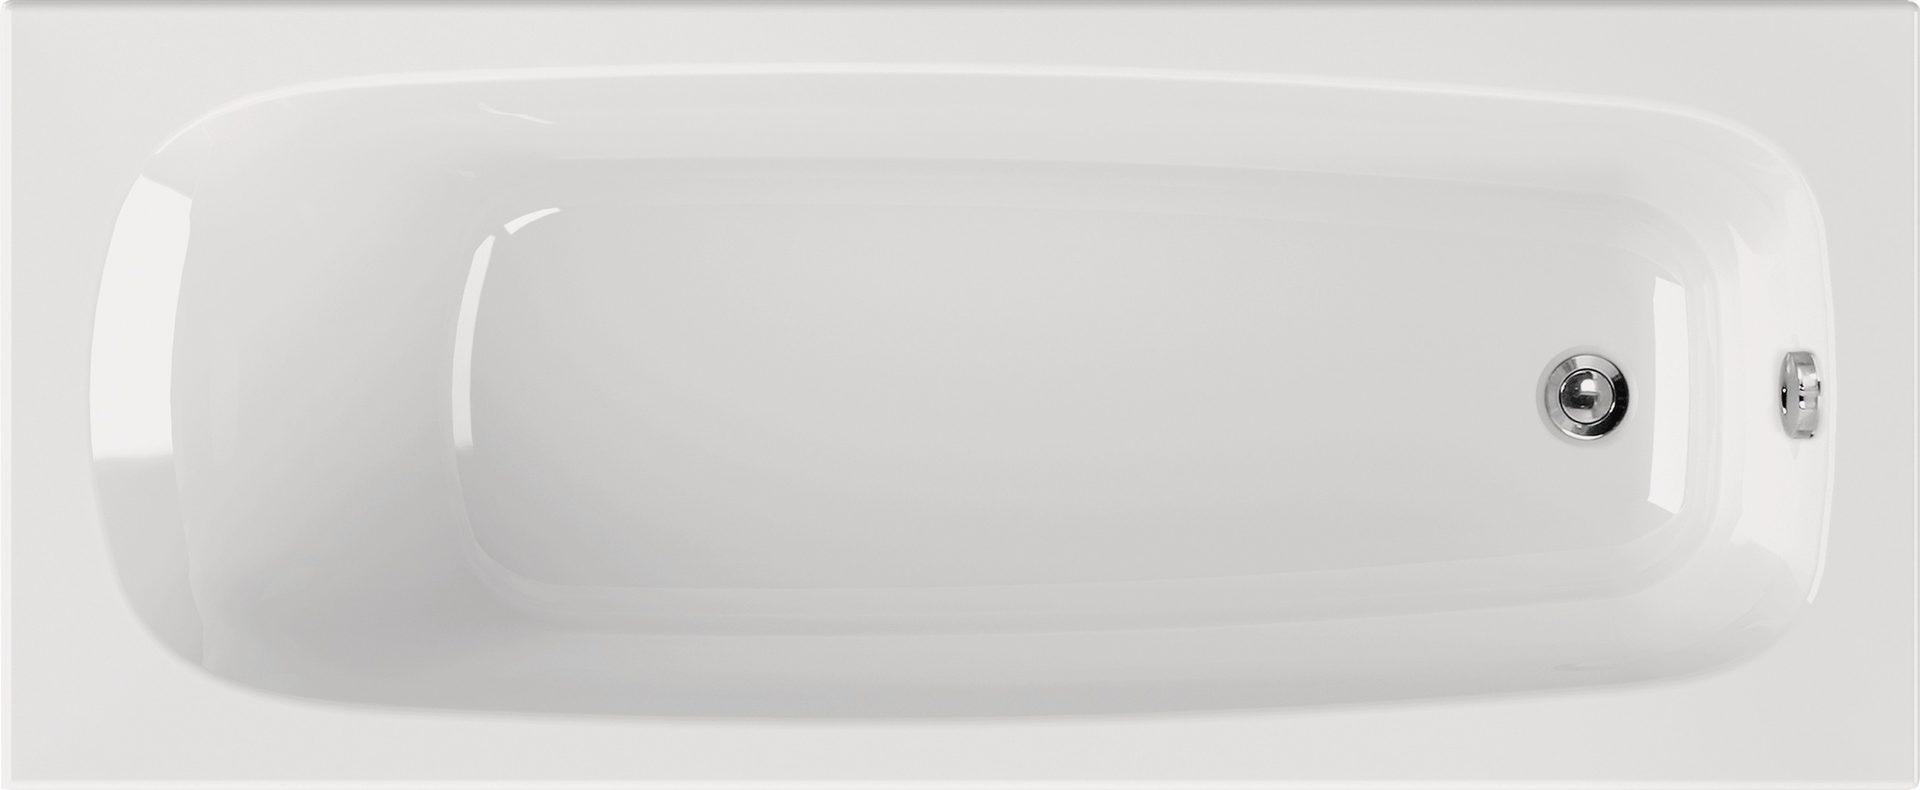 Sehr Rechteck Badewanne 170 x 75 x 41,5 cm | Bad Heizung Design QW18